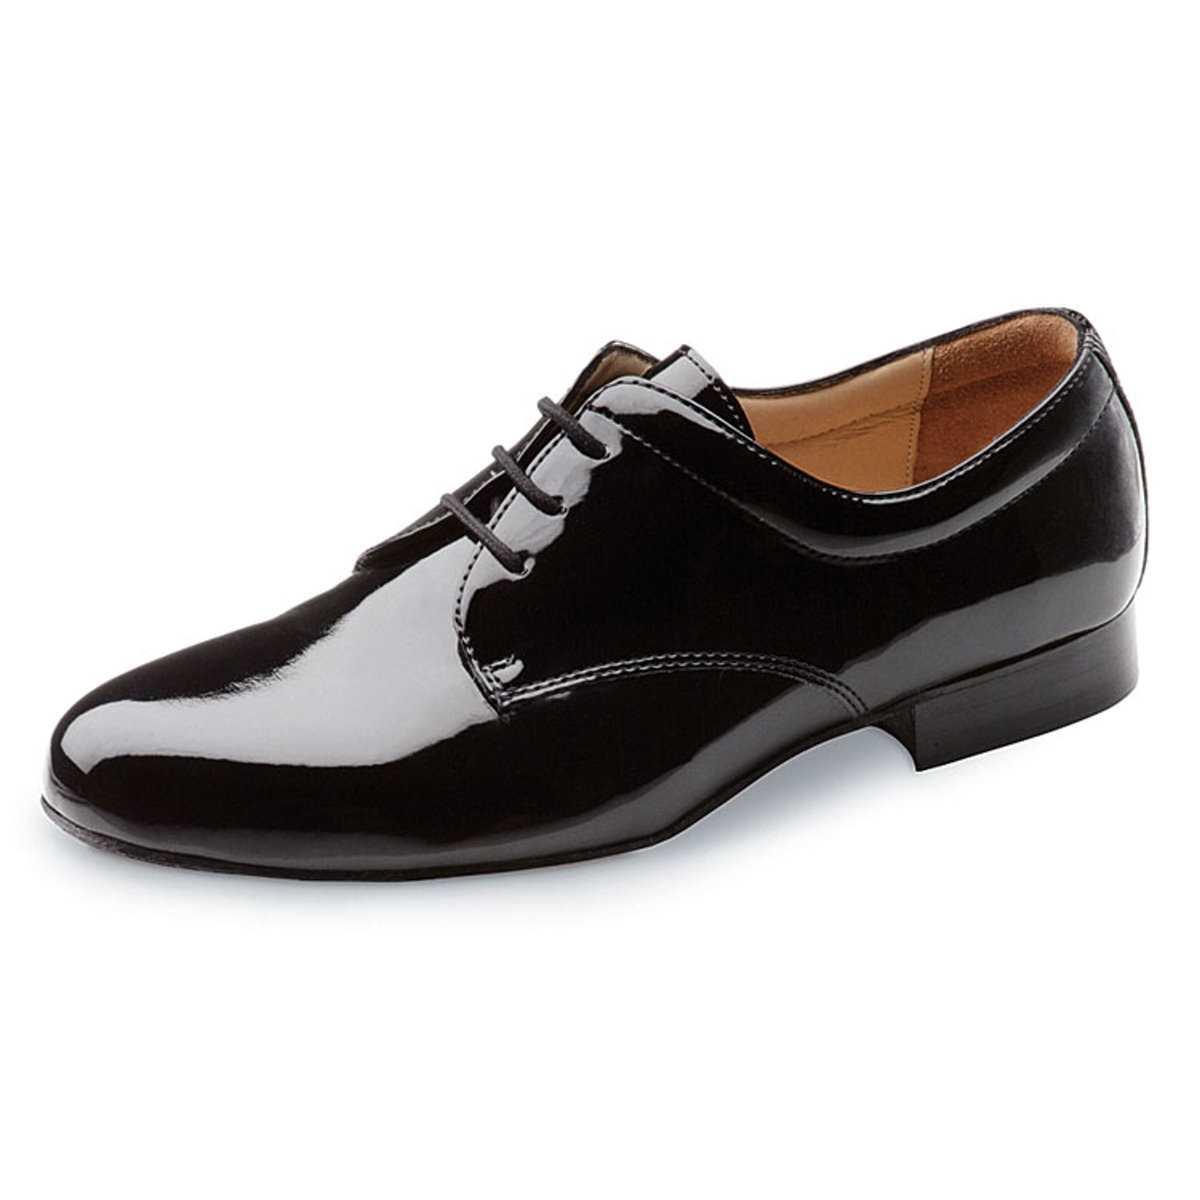 Zapatos azules con cordones Werner Kern para hombre YU3Qq3